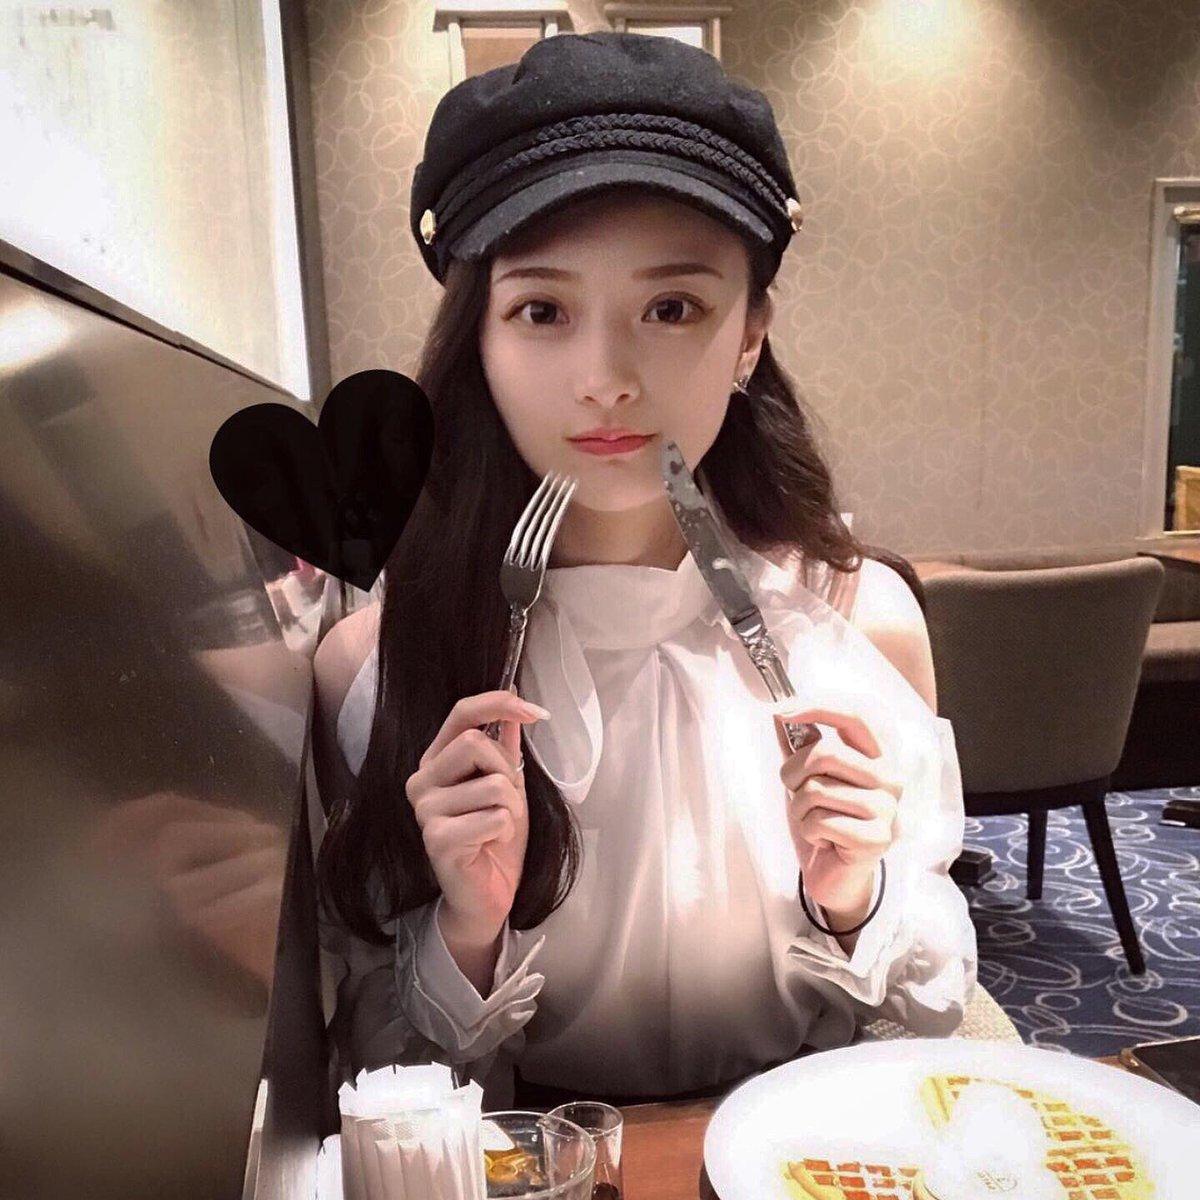 キャスケットはZARAでトップスは去年の秋か春に韓国で買ったものです😇😇韓国のカロスキルにあるお気に入りのお洋服屋さんなんですけど名前がわからない。思い出せない。ただあそこに行くと爆買いしてしまう。